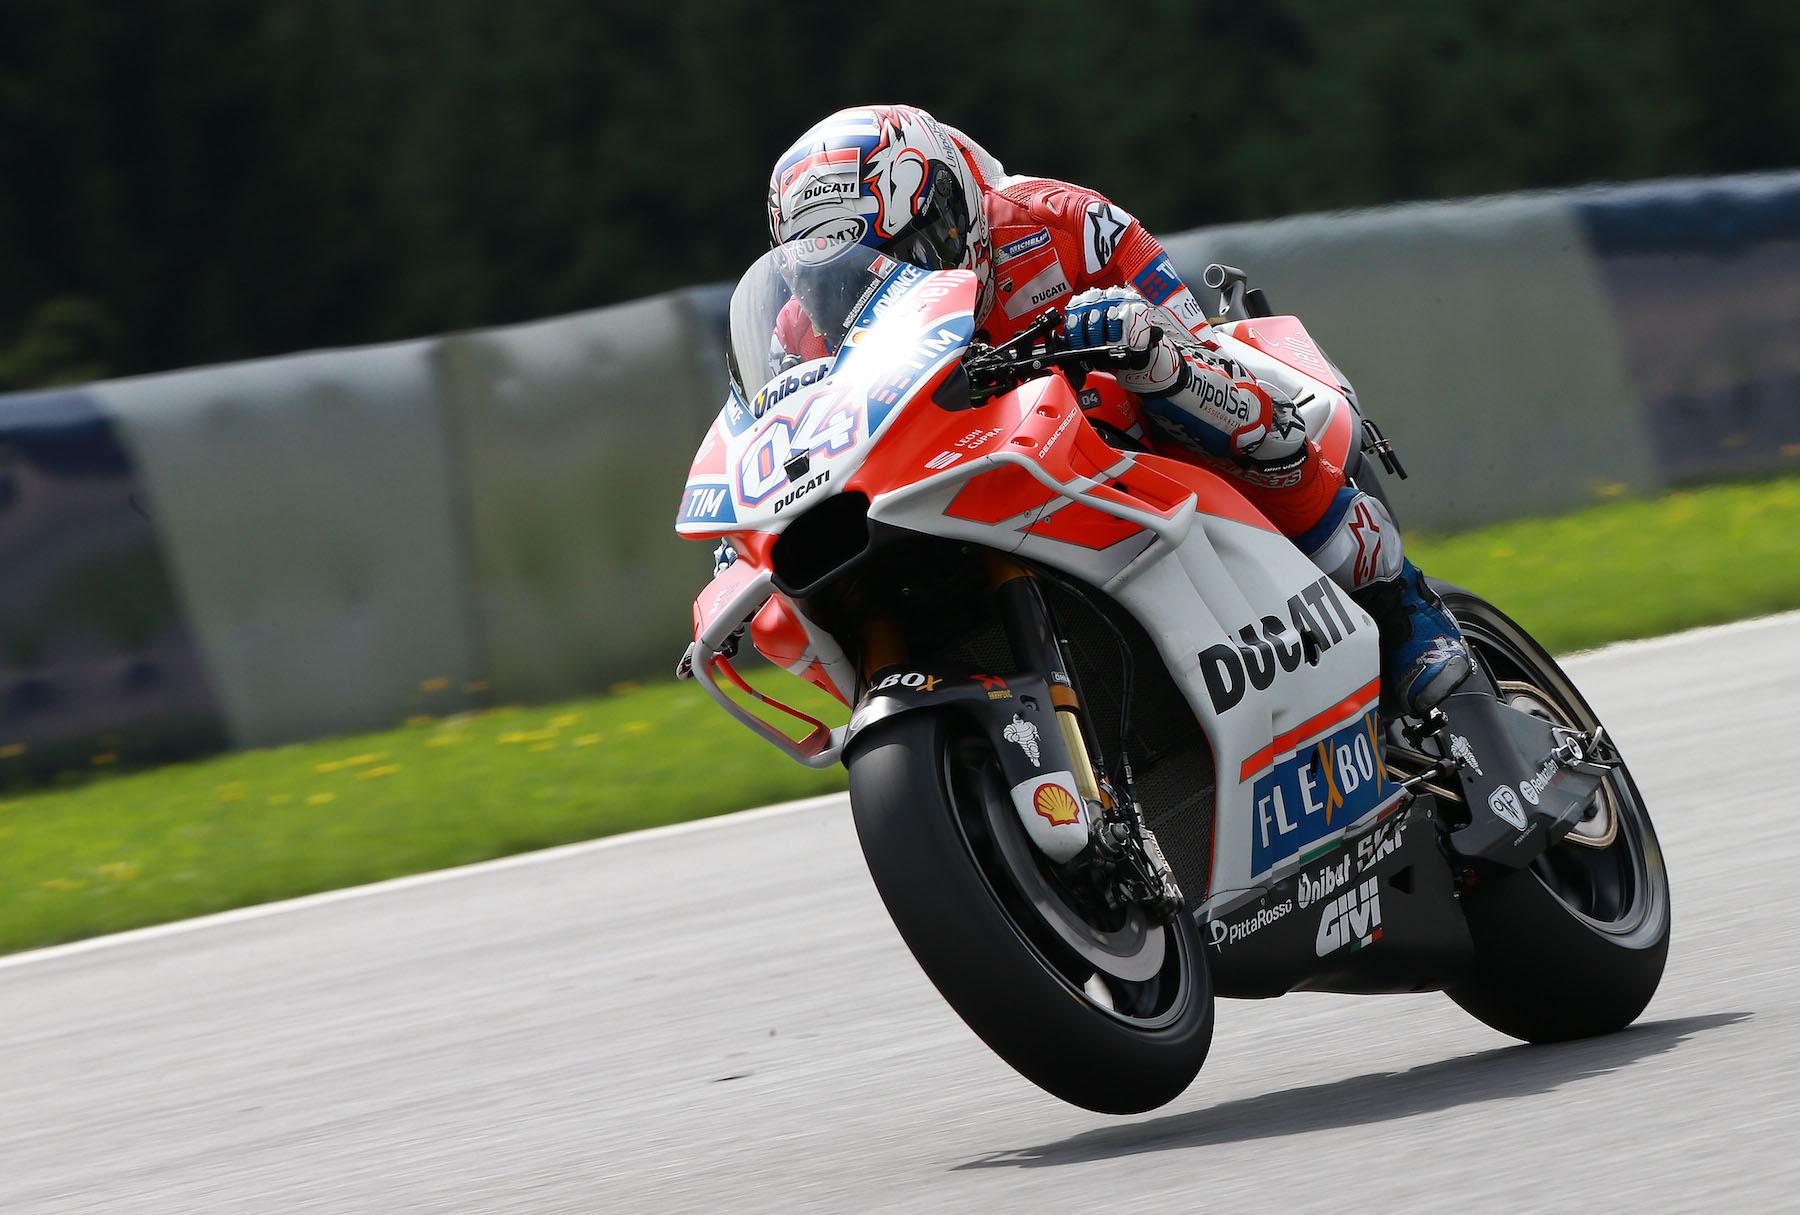 """Andrea Dovizioso: """"Puedo dormir tranquilo… los ingenieros de Ducati han hecho un gran trabajo"""""""